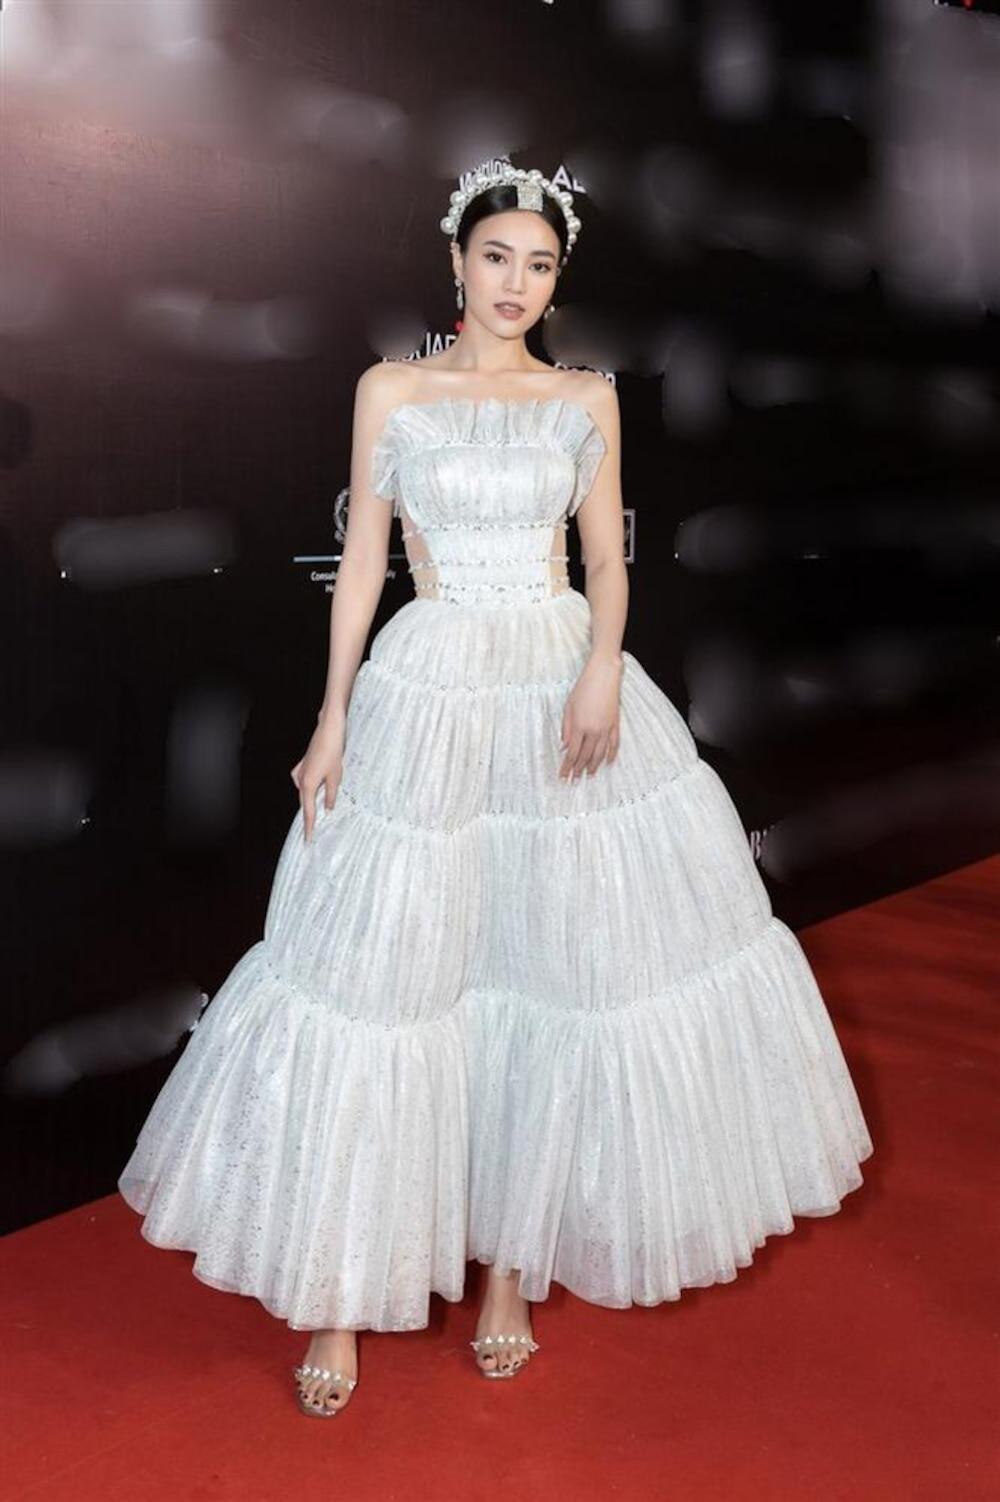 Ninh Dương Lan Ngọc tiếp tục bị soi mặc váy nhái từ năm 2017, từ đầu đến chân toàn đồ fake? Ảnh 2